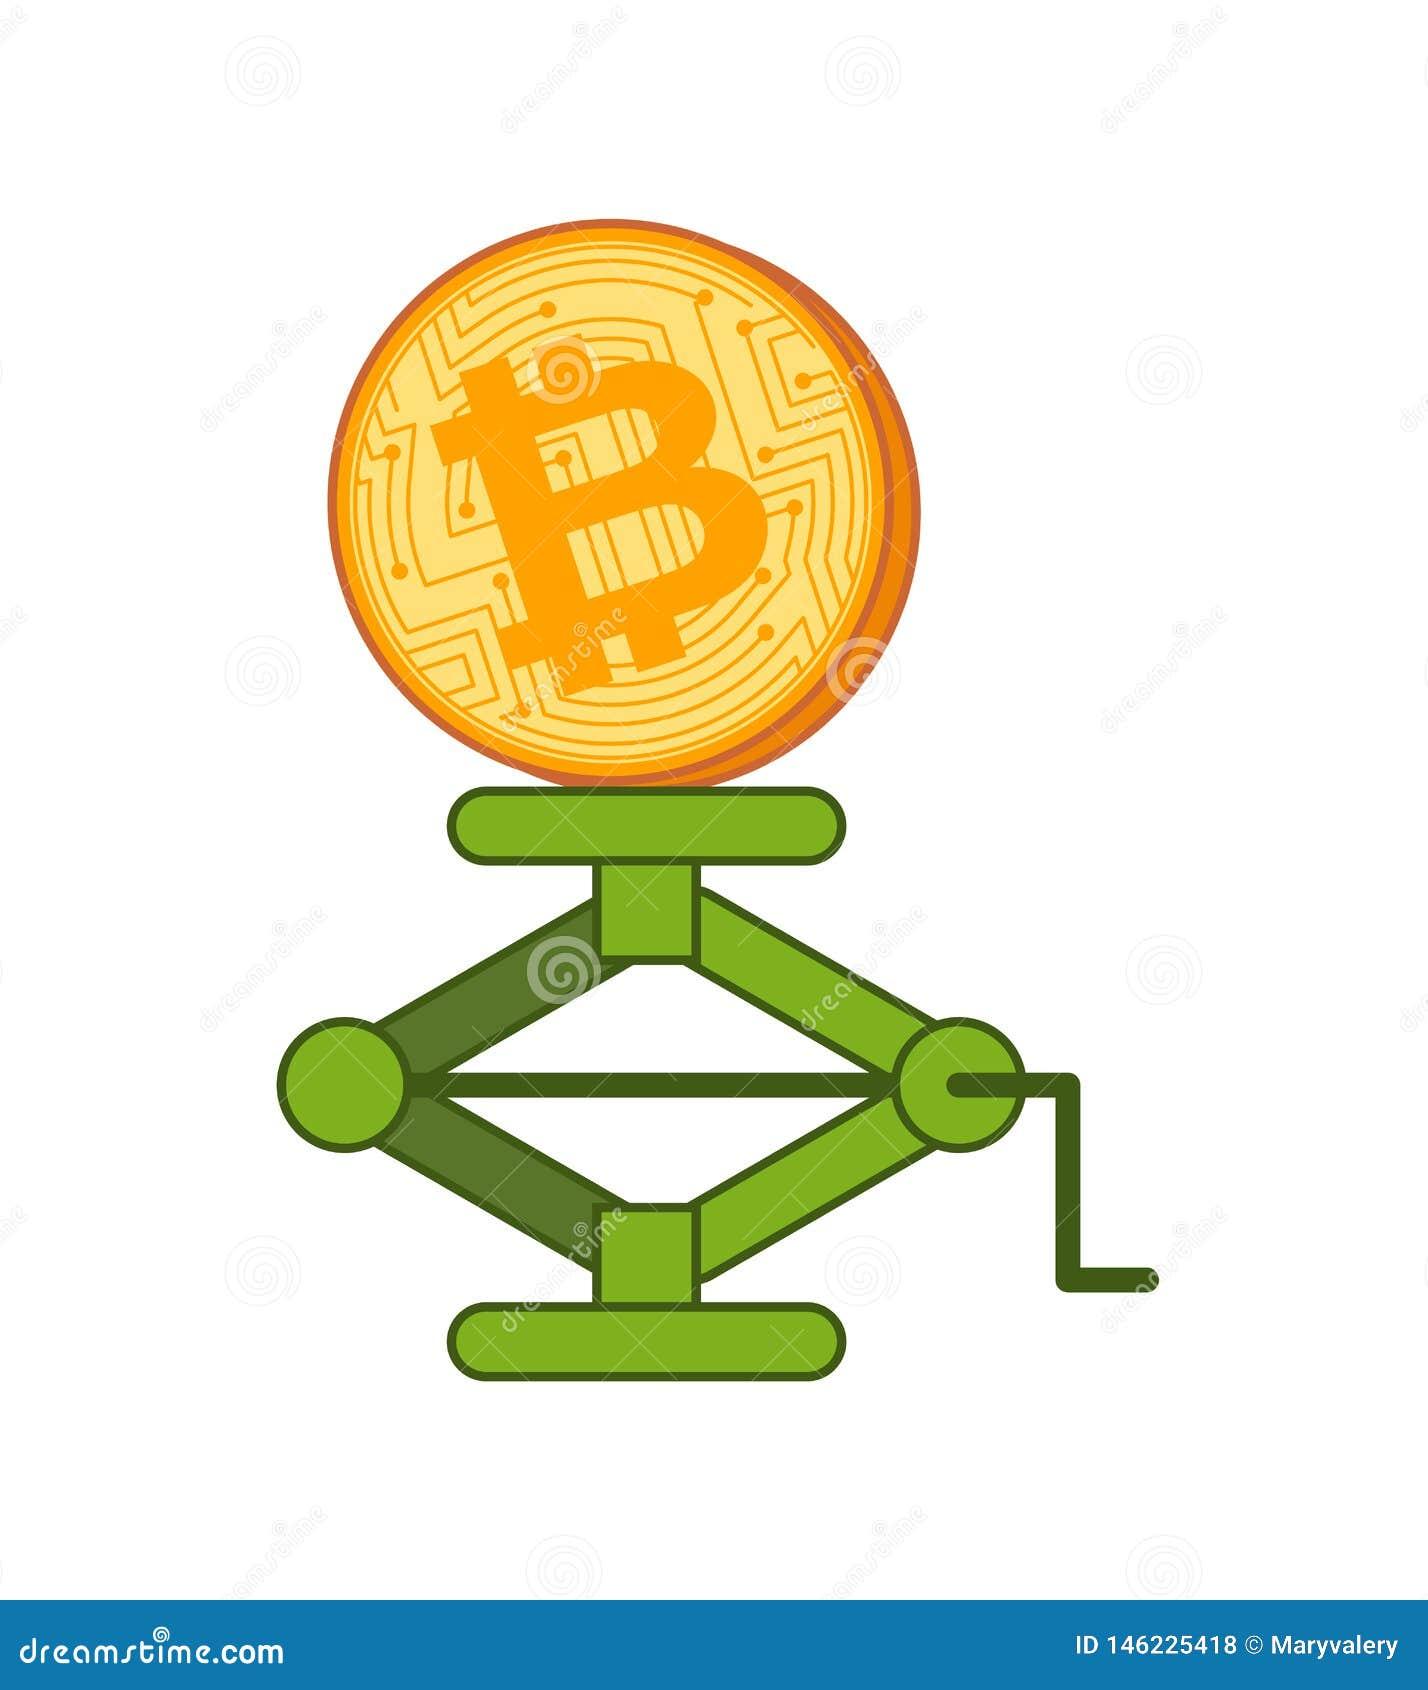 bitcoin exchange btc